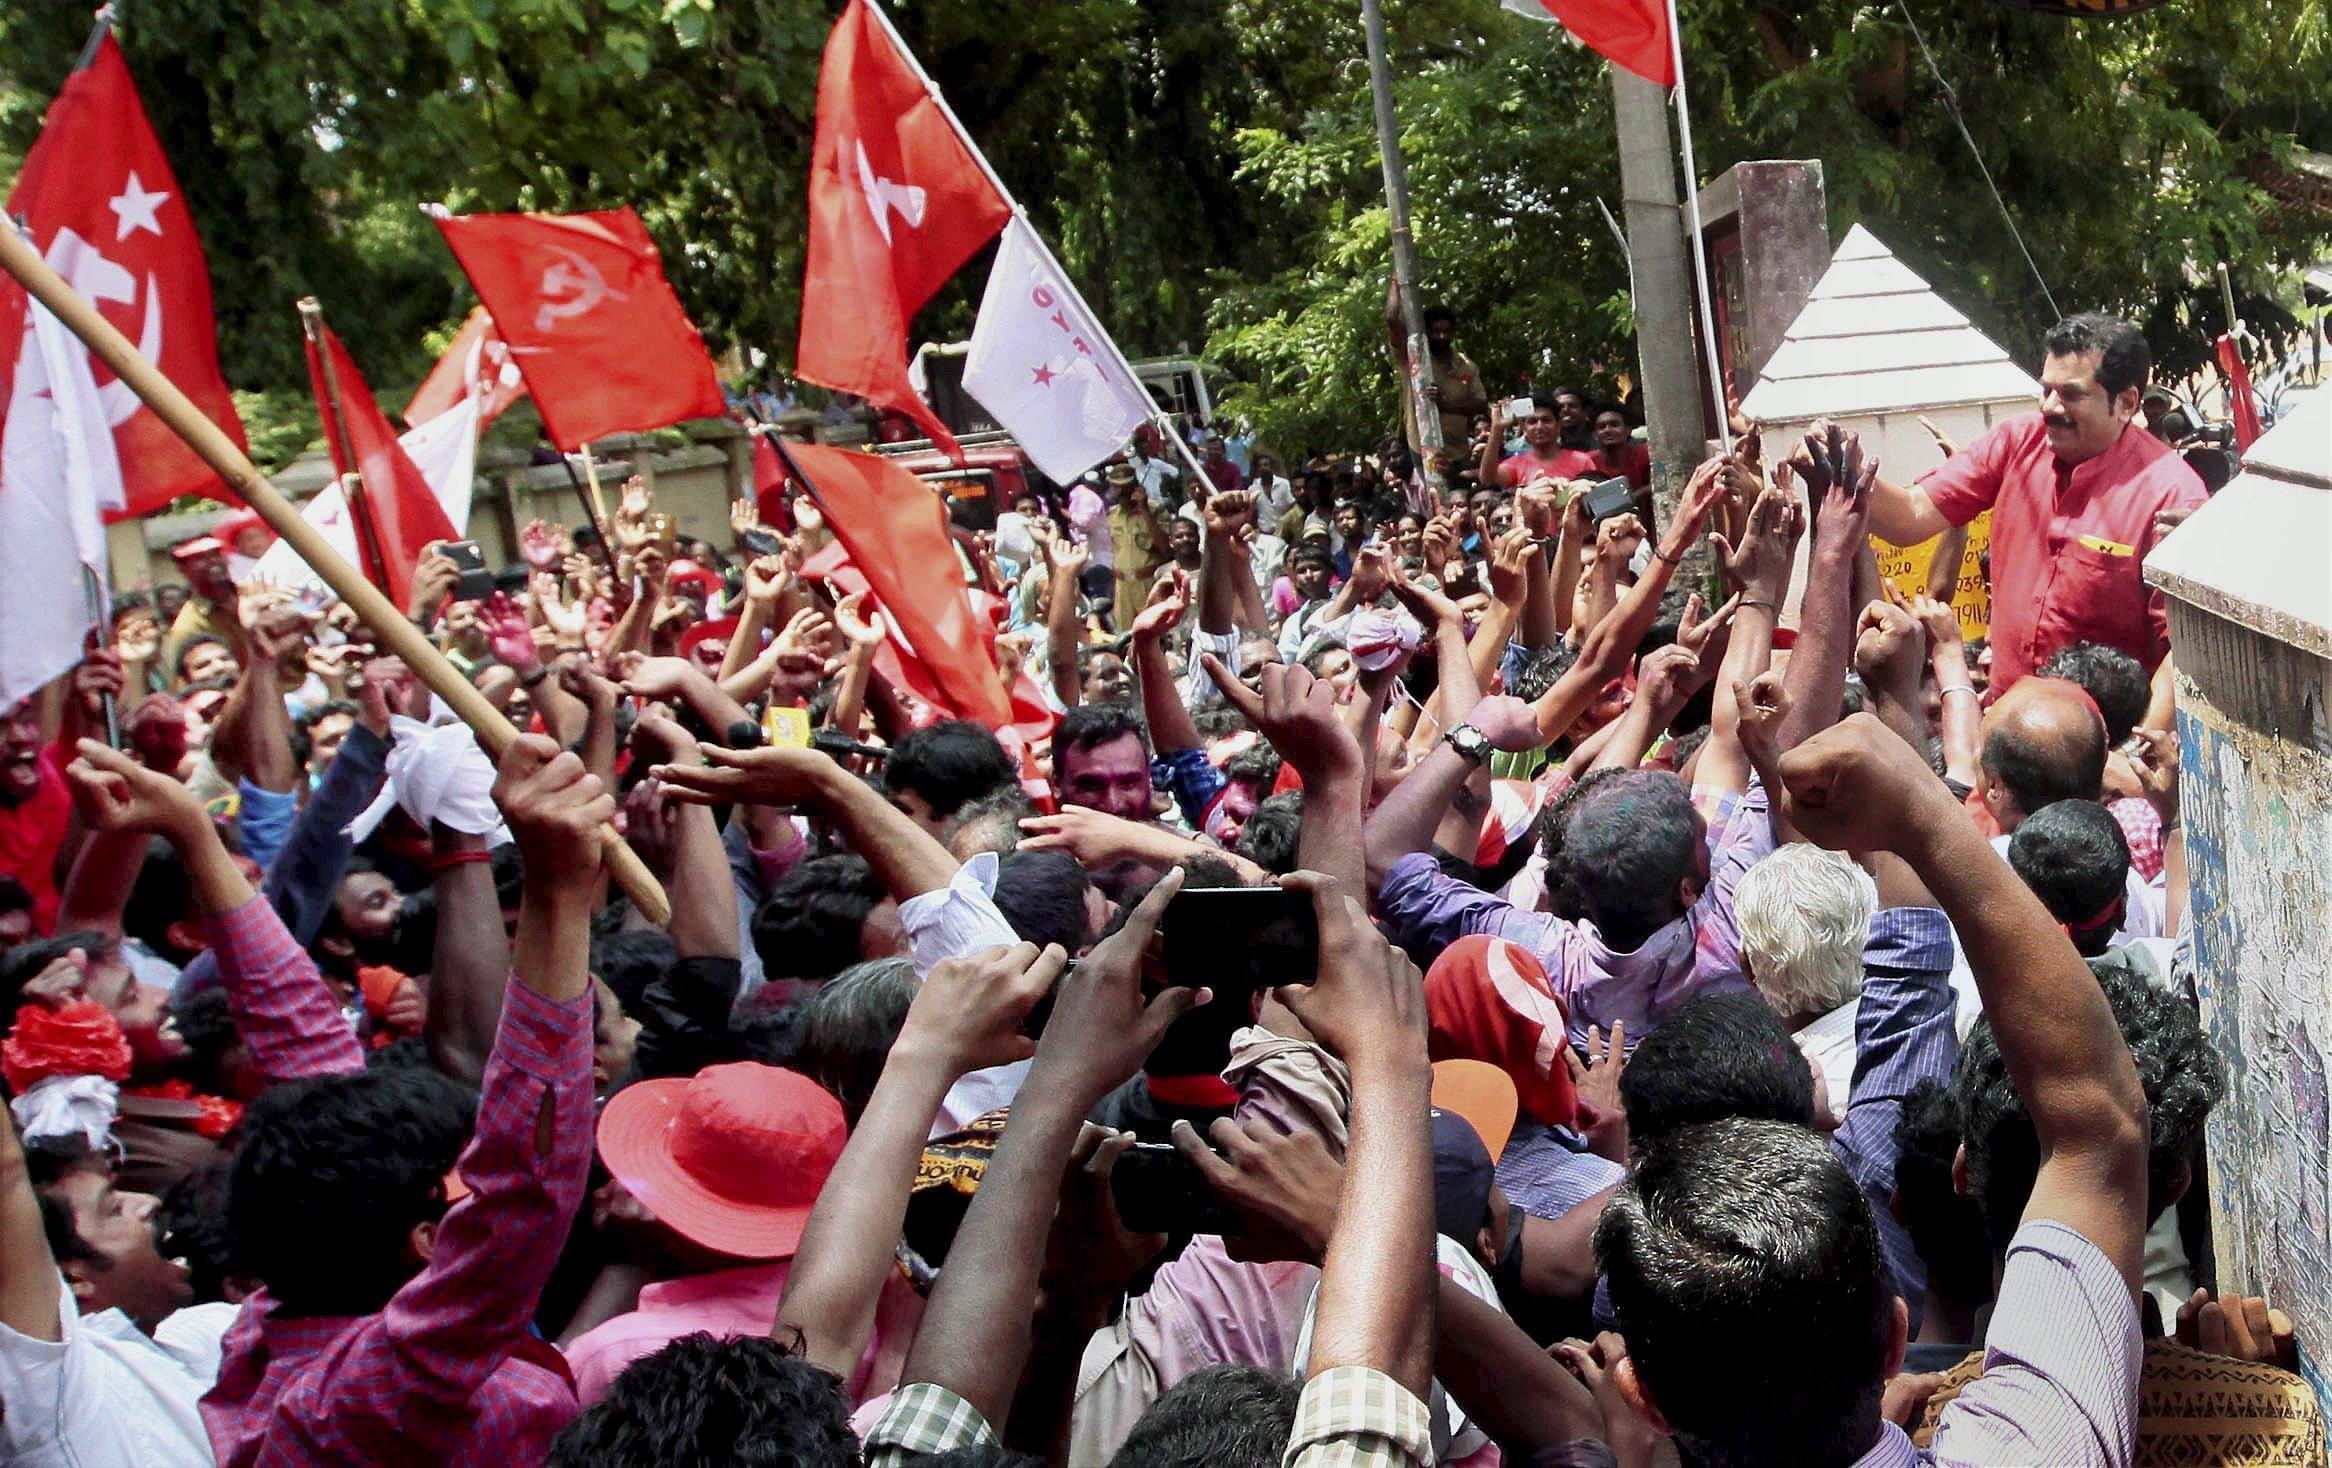 इतिहास रच्दै केरलामा कम्युनिस्ट गठबन्धनको बहुमत, पिनारायी विजयन मुख्यमन्त्री बन्दै